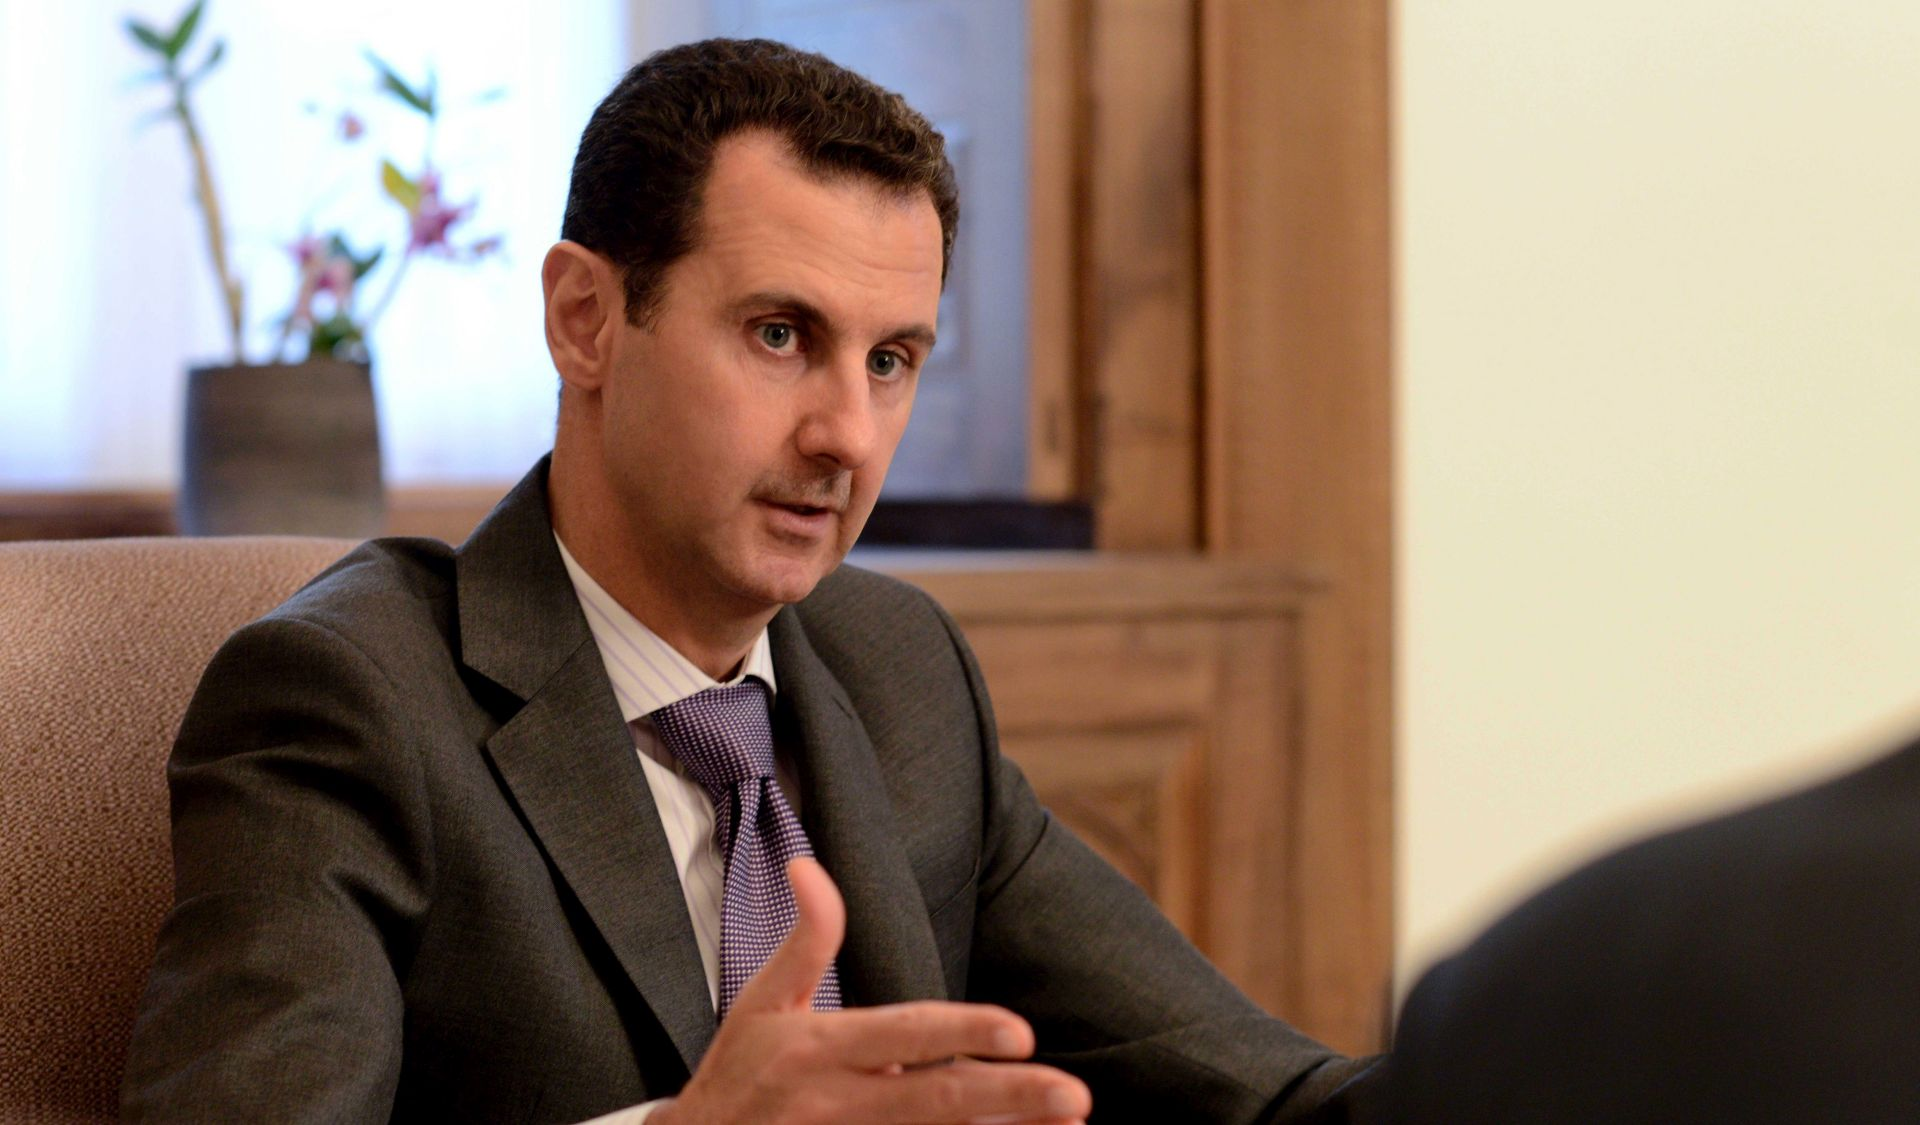 Sirijski predsjednik Bašar al Asad prihvatio rusko-američki dogovor o primirju